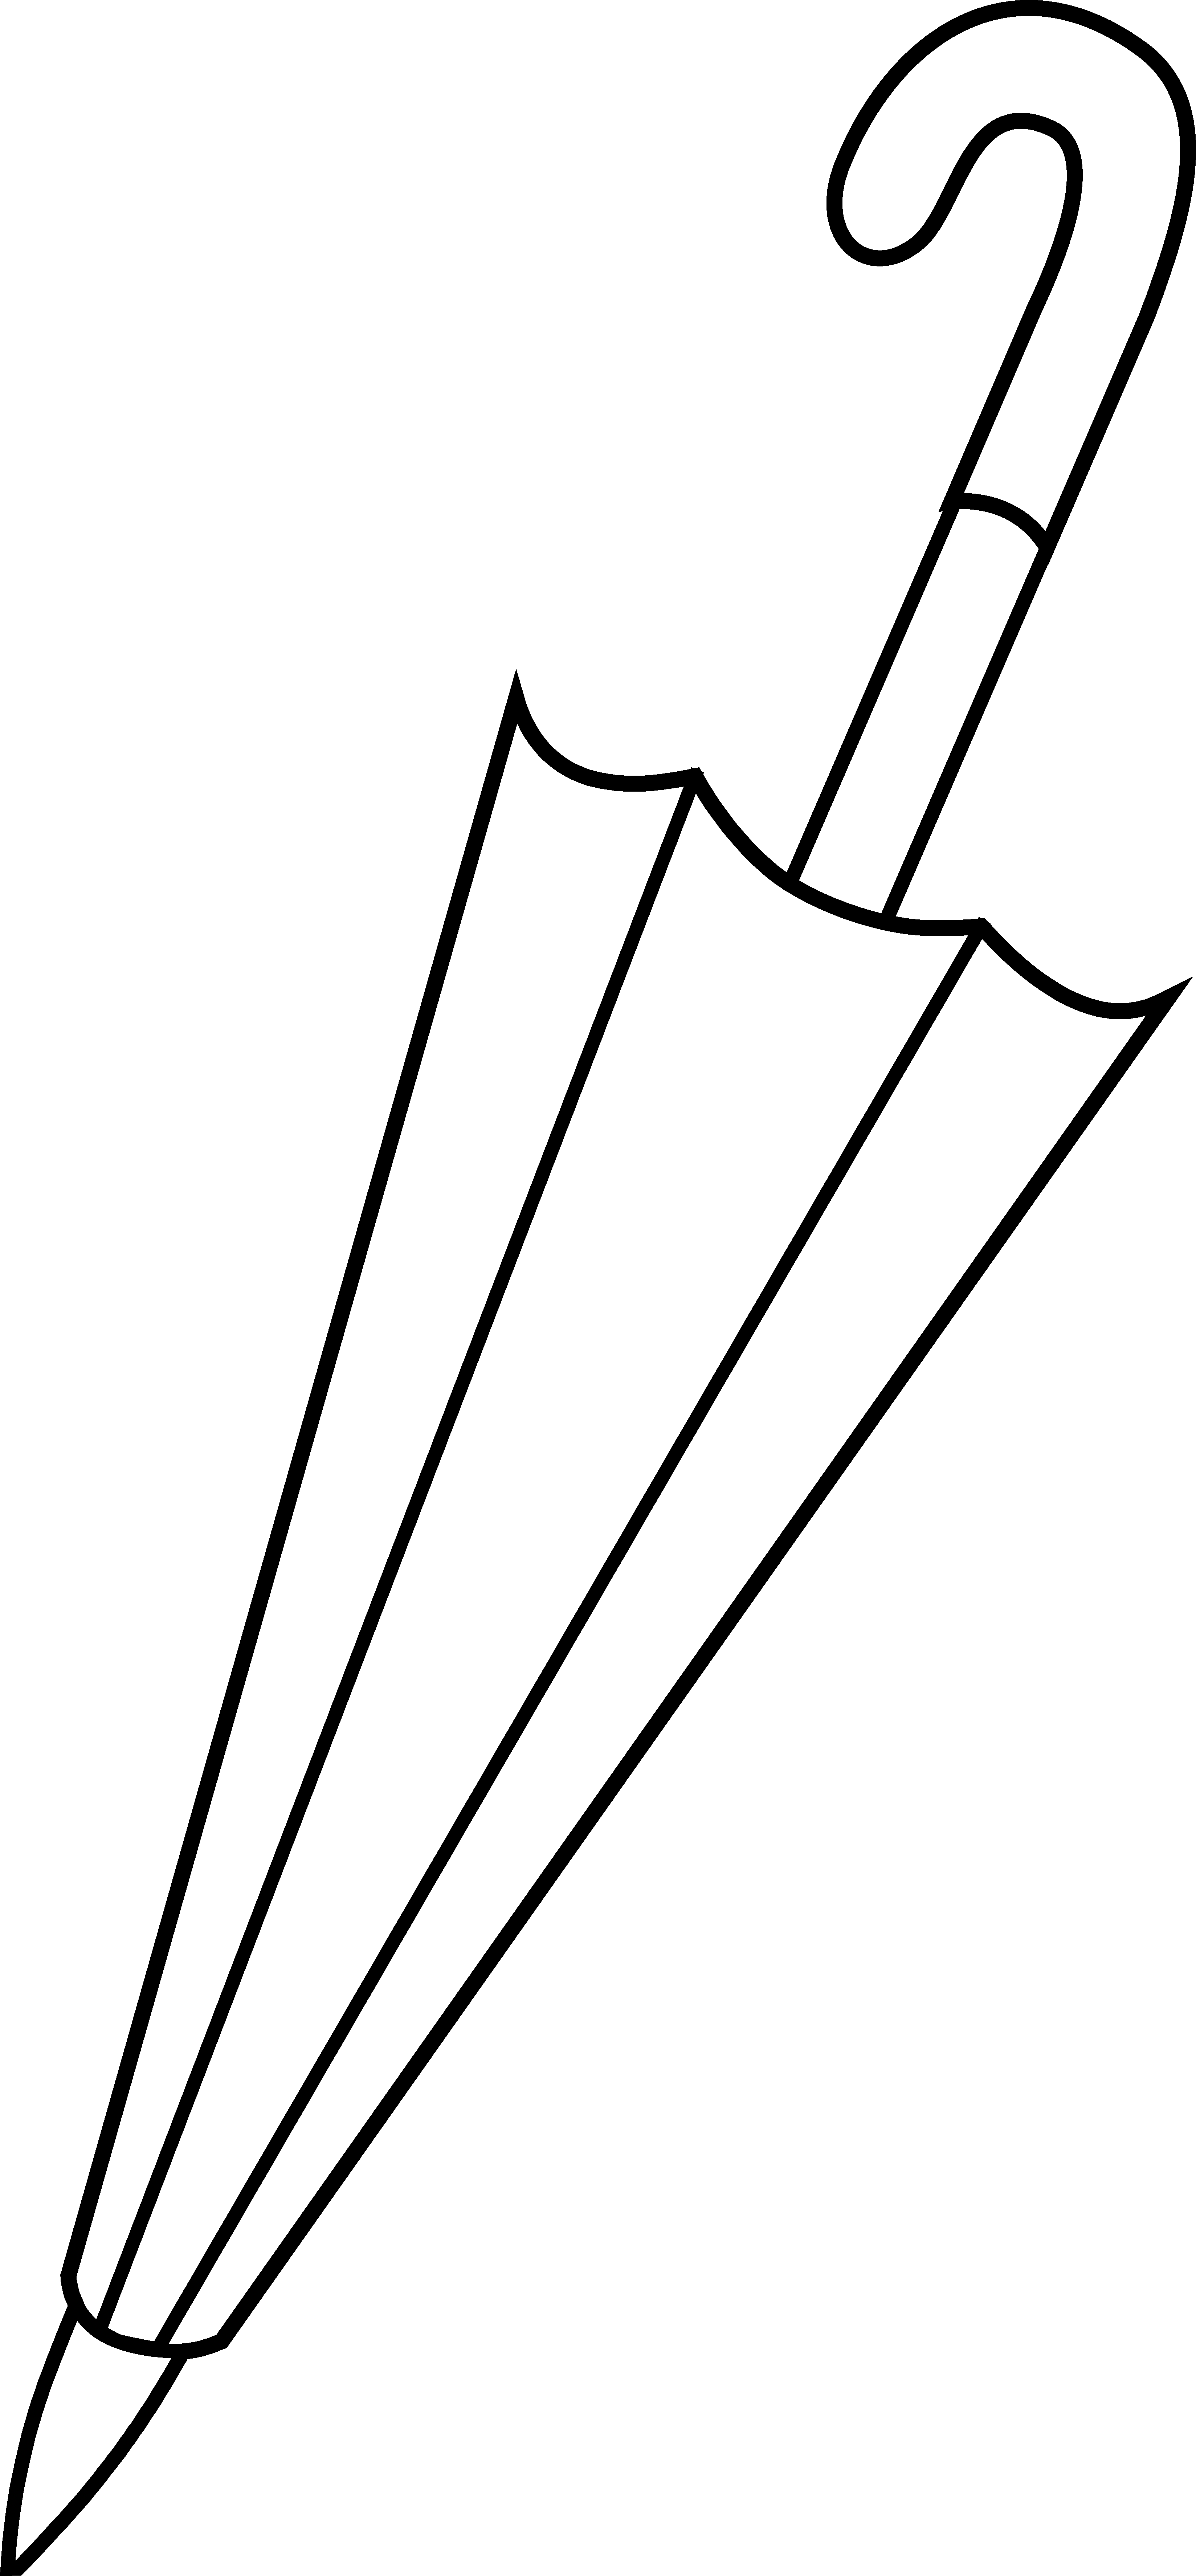 Closed line art free. Clipart umbrella vector